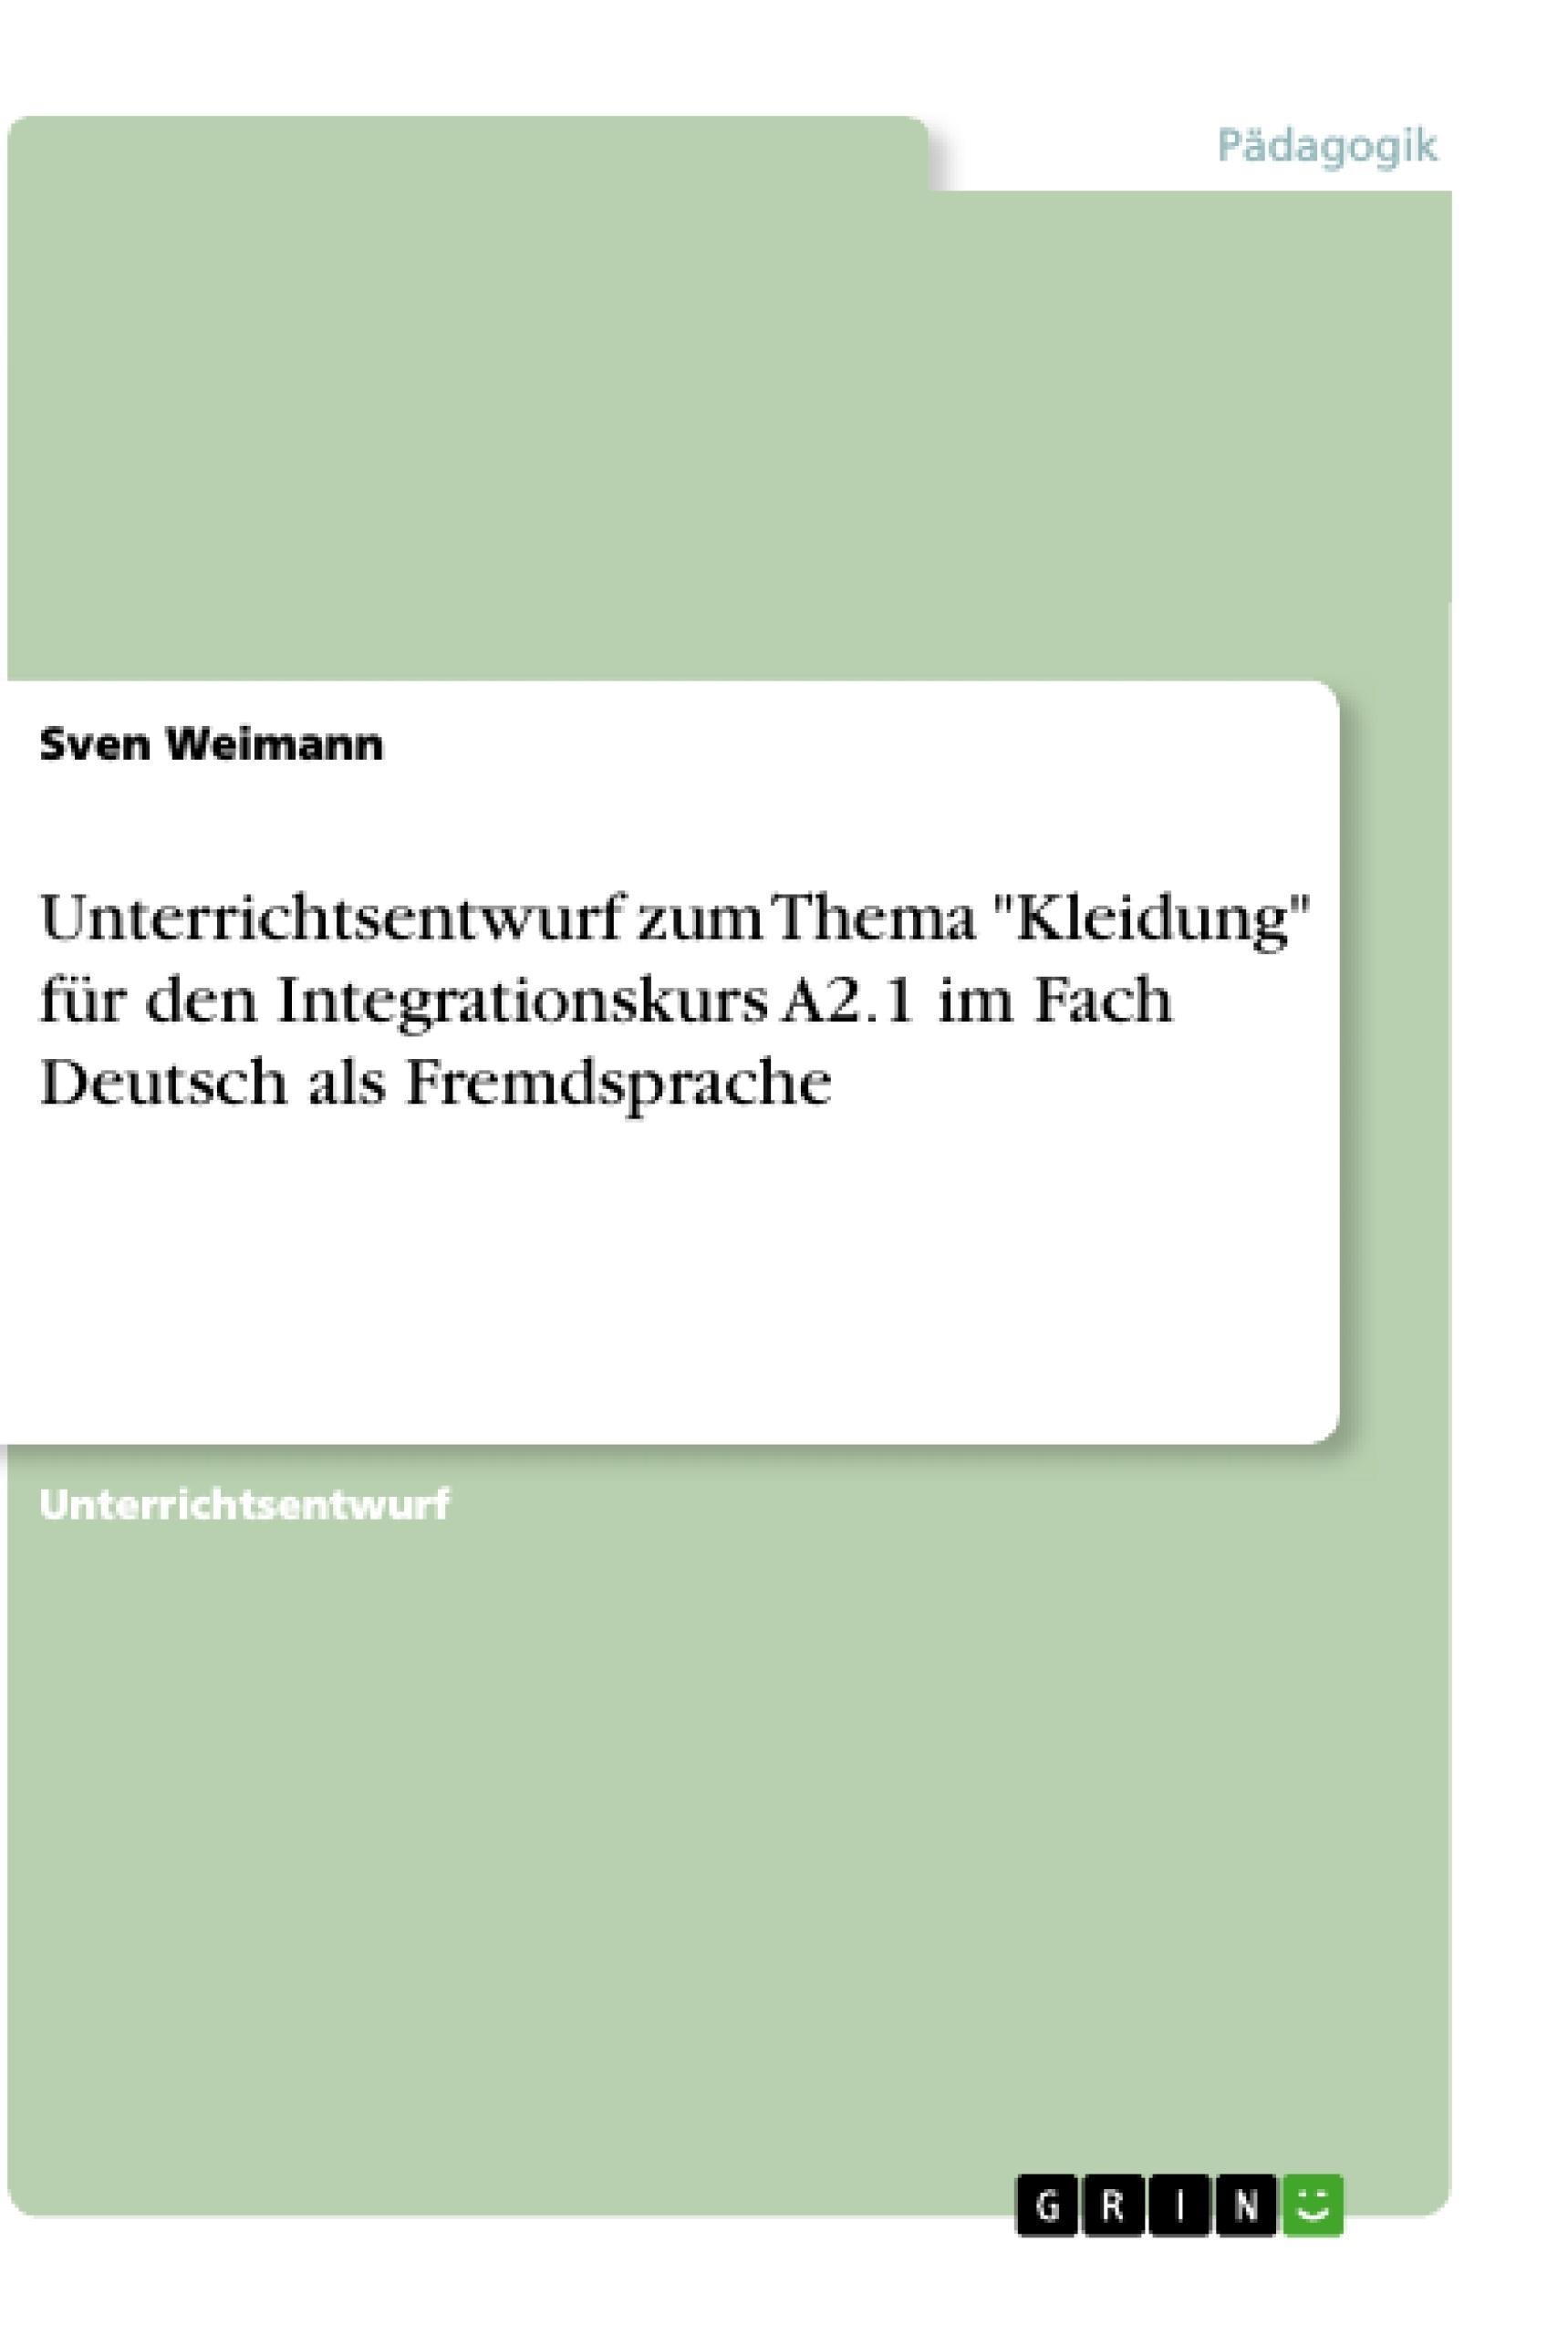 """Titel: Unterrichtsentwurf zum Thema """"Kleidung"""" für den Integrationskurs A2.1 im Fach Deutsch als Fremdsprache"""